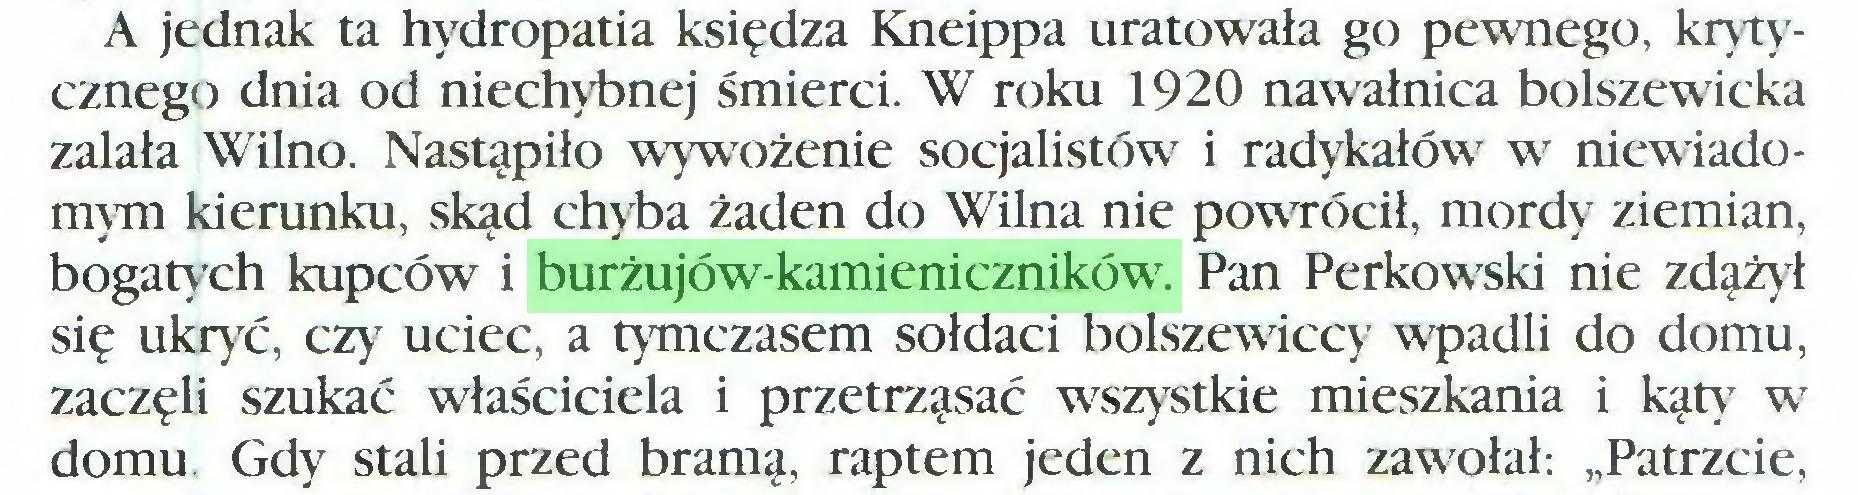 """(...) A jednak ta hydropatia księdza Kneippa uratowała go pewnego, krytycznego dnia od niechybnej śmierci. W roku 1920 nawałnica bolszewicka zalała Wilno. Nastąpiło wywożenie socjalistów i radykałów w niewiadomym kierunku, skąd chyba żaden do Wilna nie powrócił, mordy ziemian, bogatych kupców i burżujów-kamieniczników. Pan Perkowski nie zdążył się ukryć, czy uciec, a tymczasem sołdaci bolszewiccy wpadli do domu, zaczęli szukać właściciela i przetrząsać wszystkie mieszkania i kąty w domu. Gdy stali przed bramą, raptem jeden z nich zawołał: """"Patrzcie,..."""